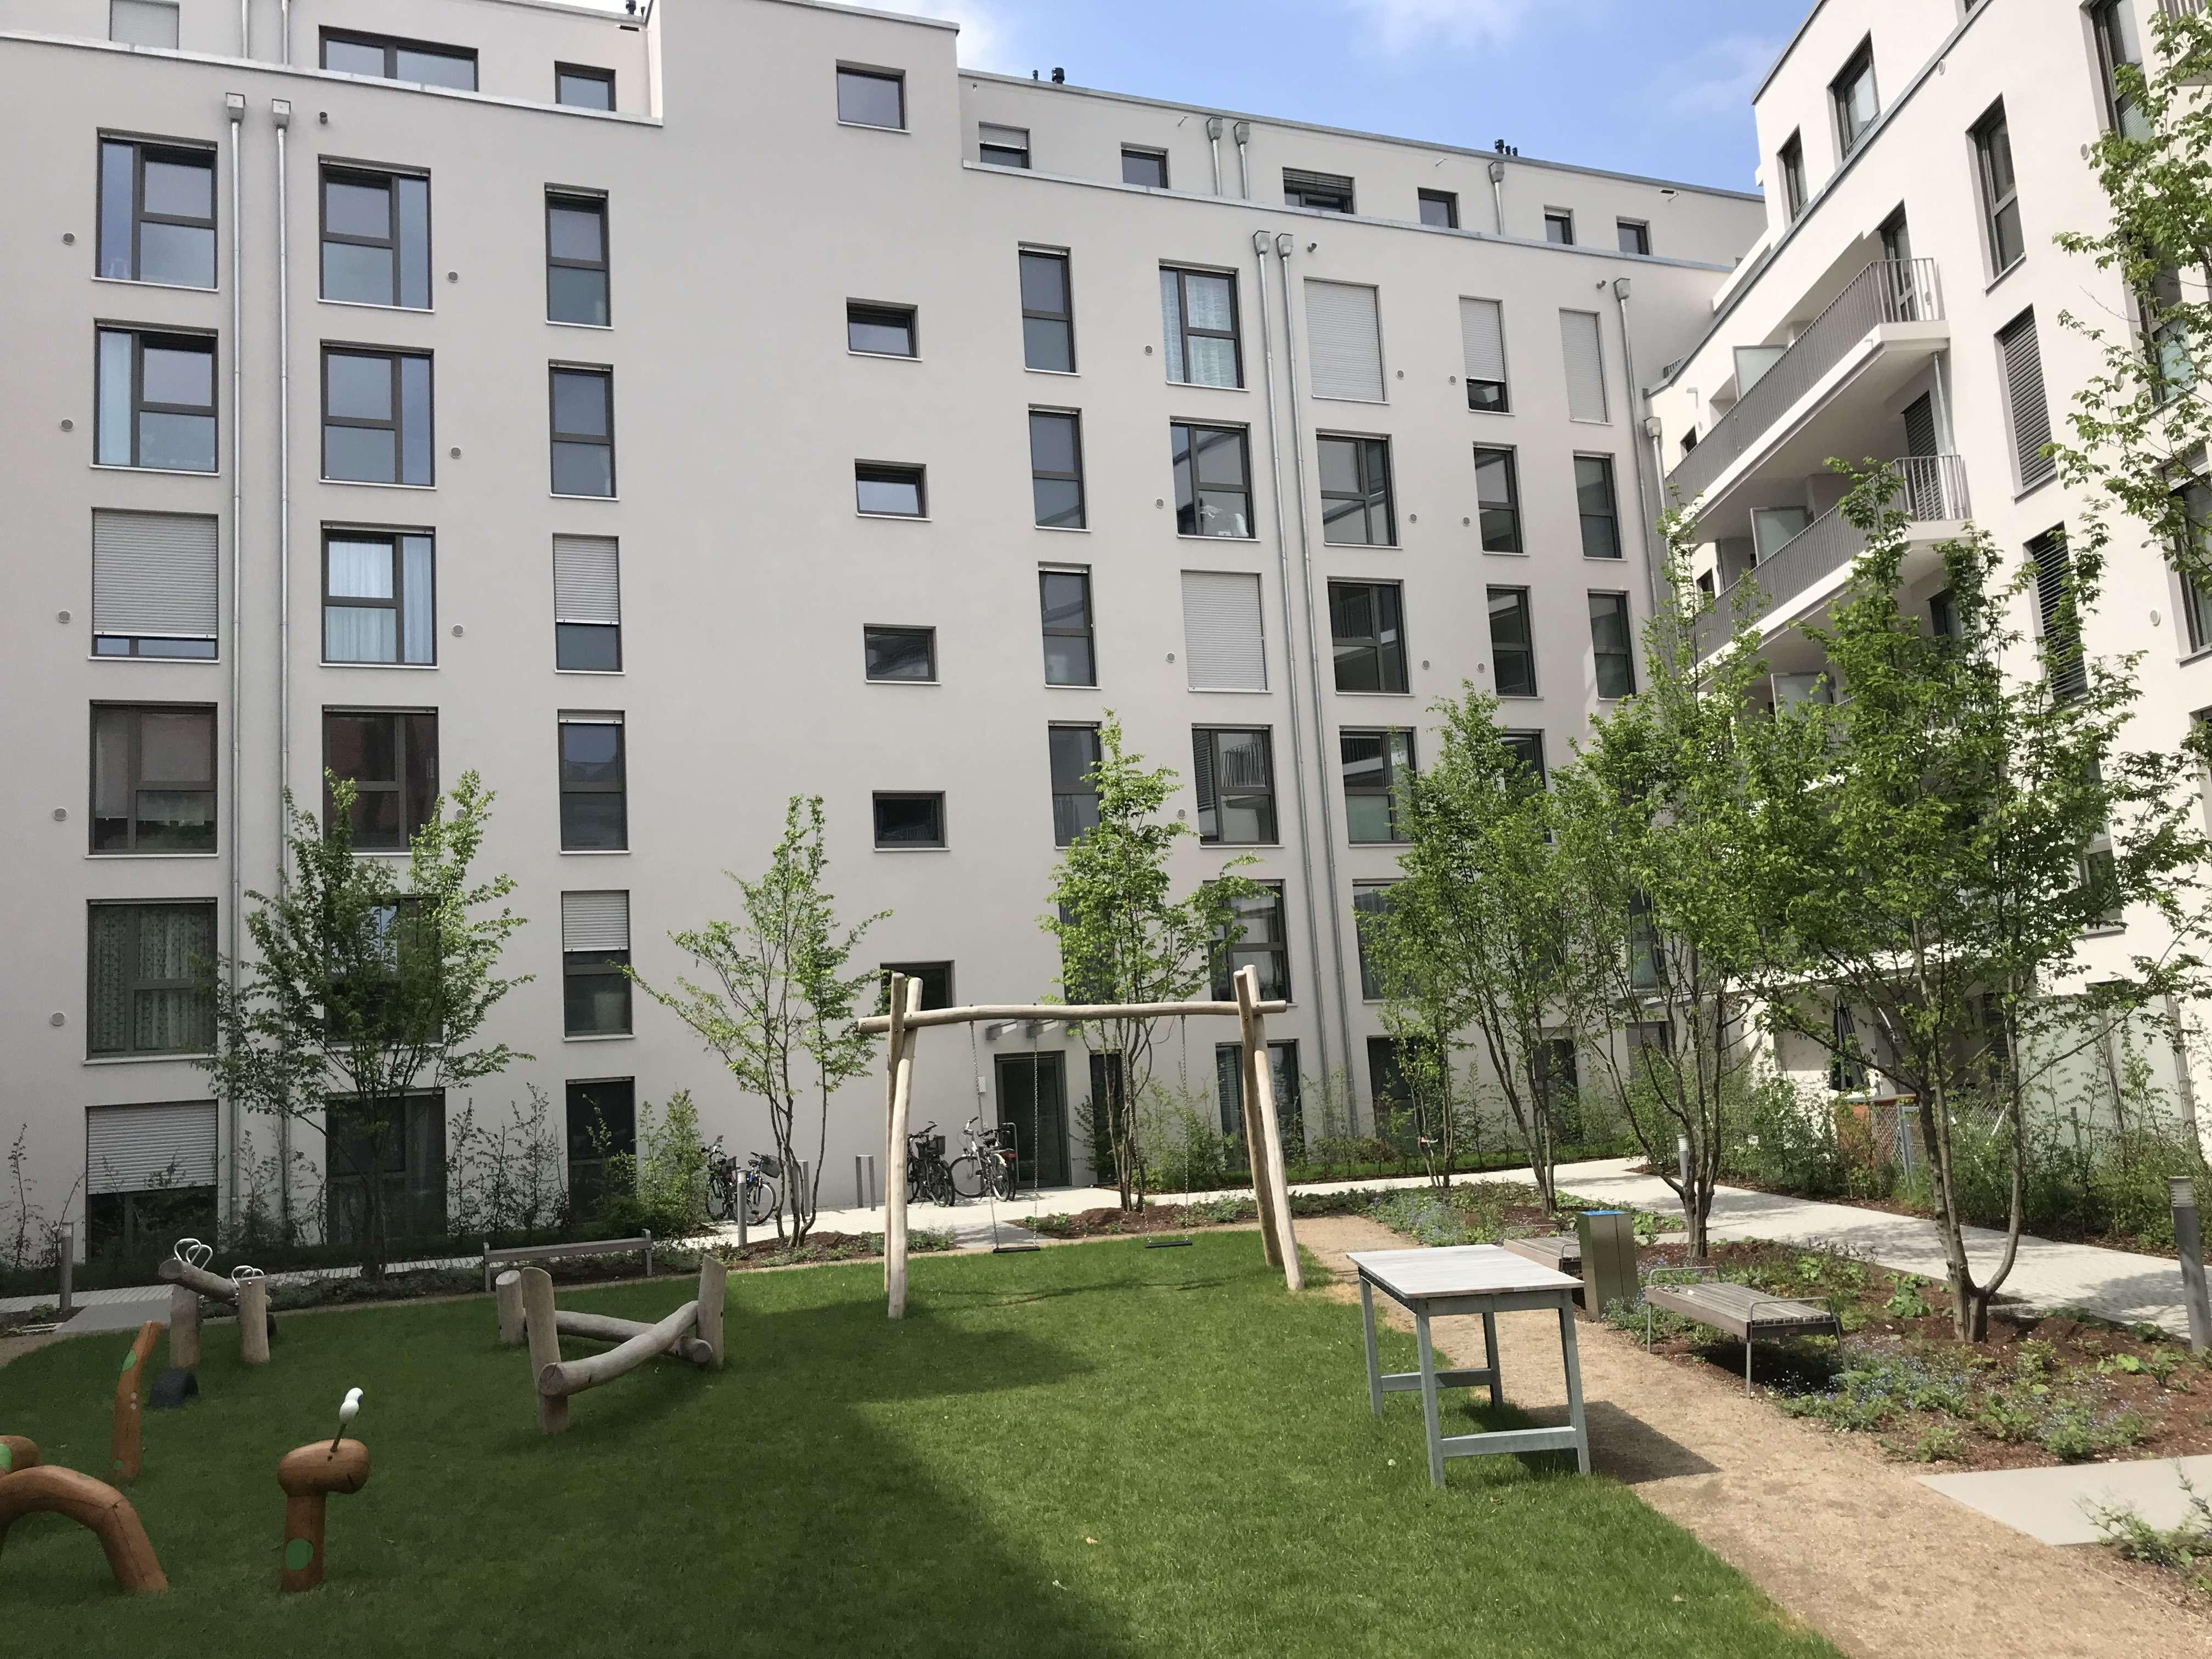 Großzügige 3,5-Zimmer-Wohnung mit Loggia in Nürnberg - St. Johannis